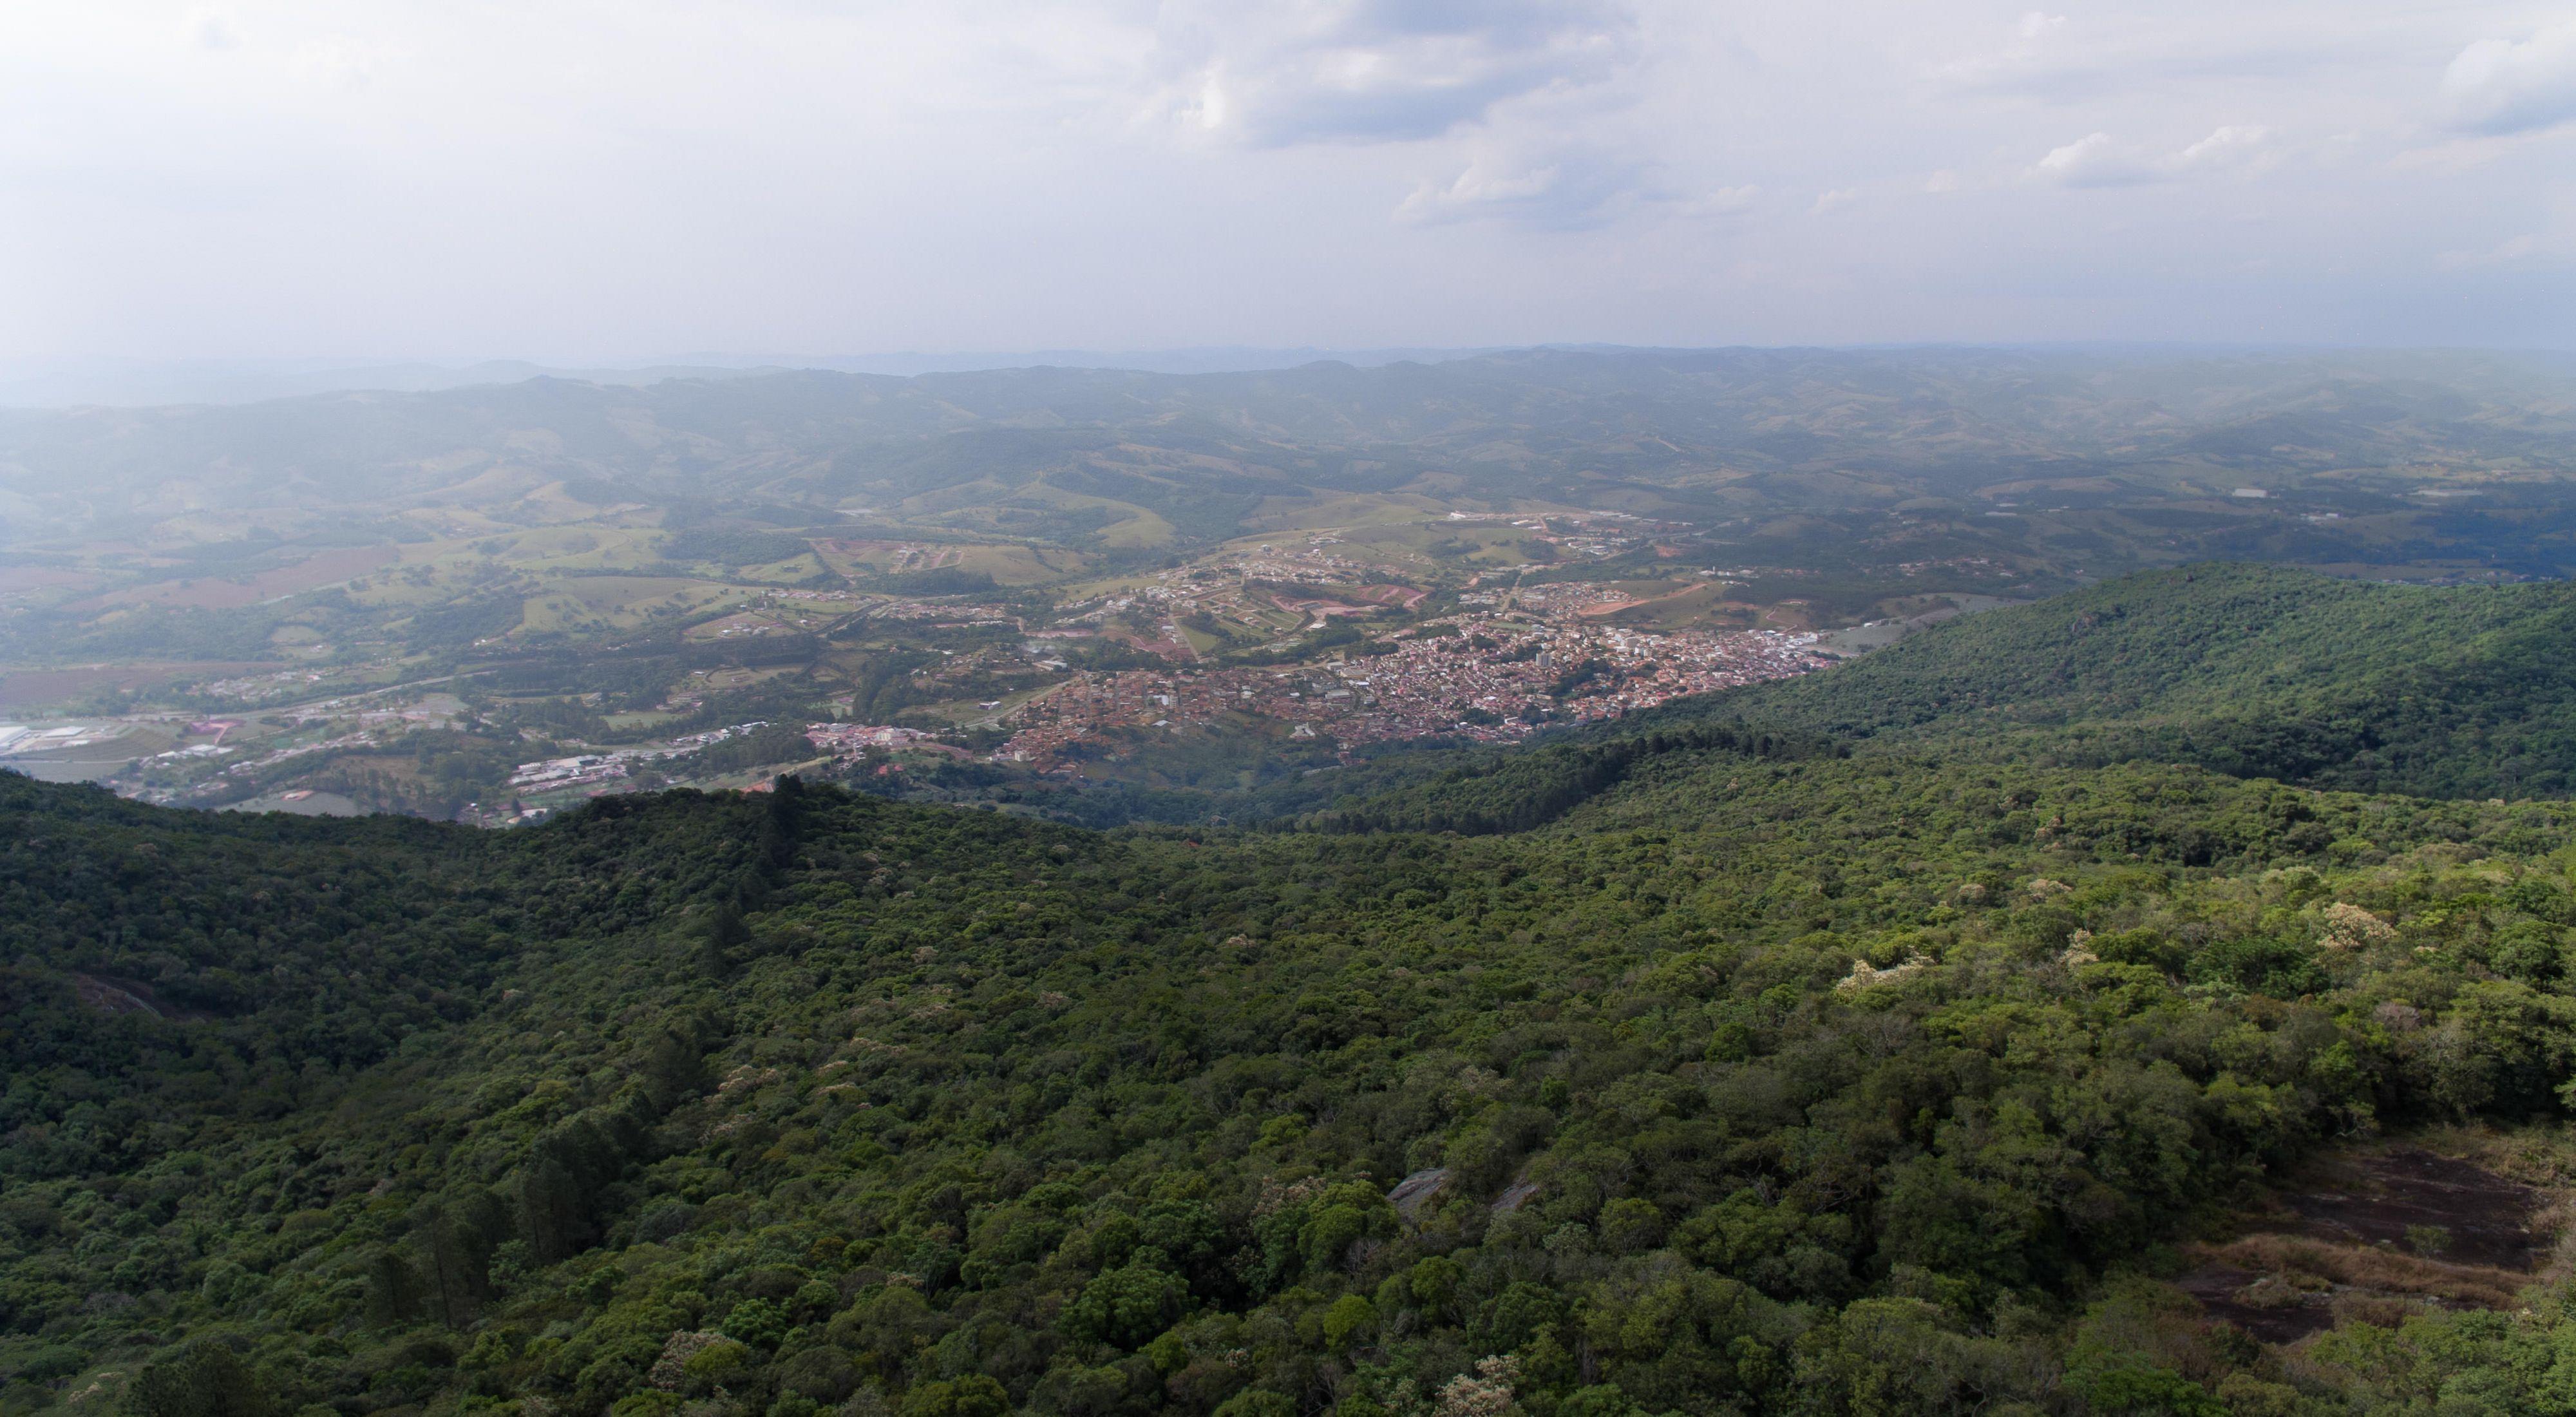 Vista aérea da cidade de Extrema-MG, um município referência na restauração de áreas degradadas para proteção da bacia hidrográfica.